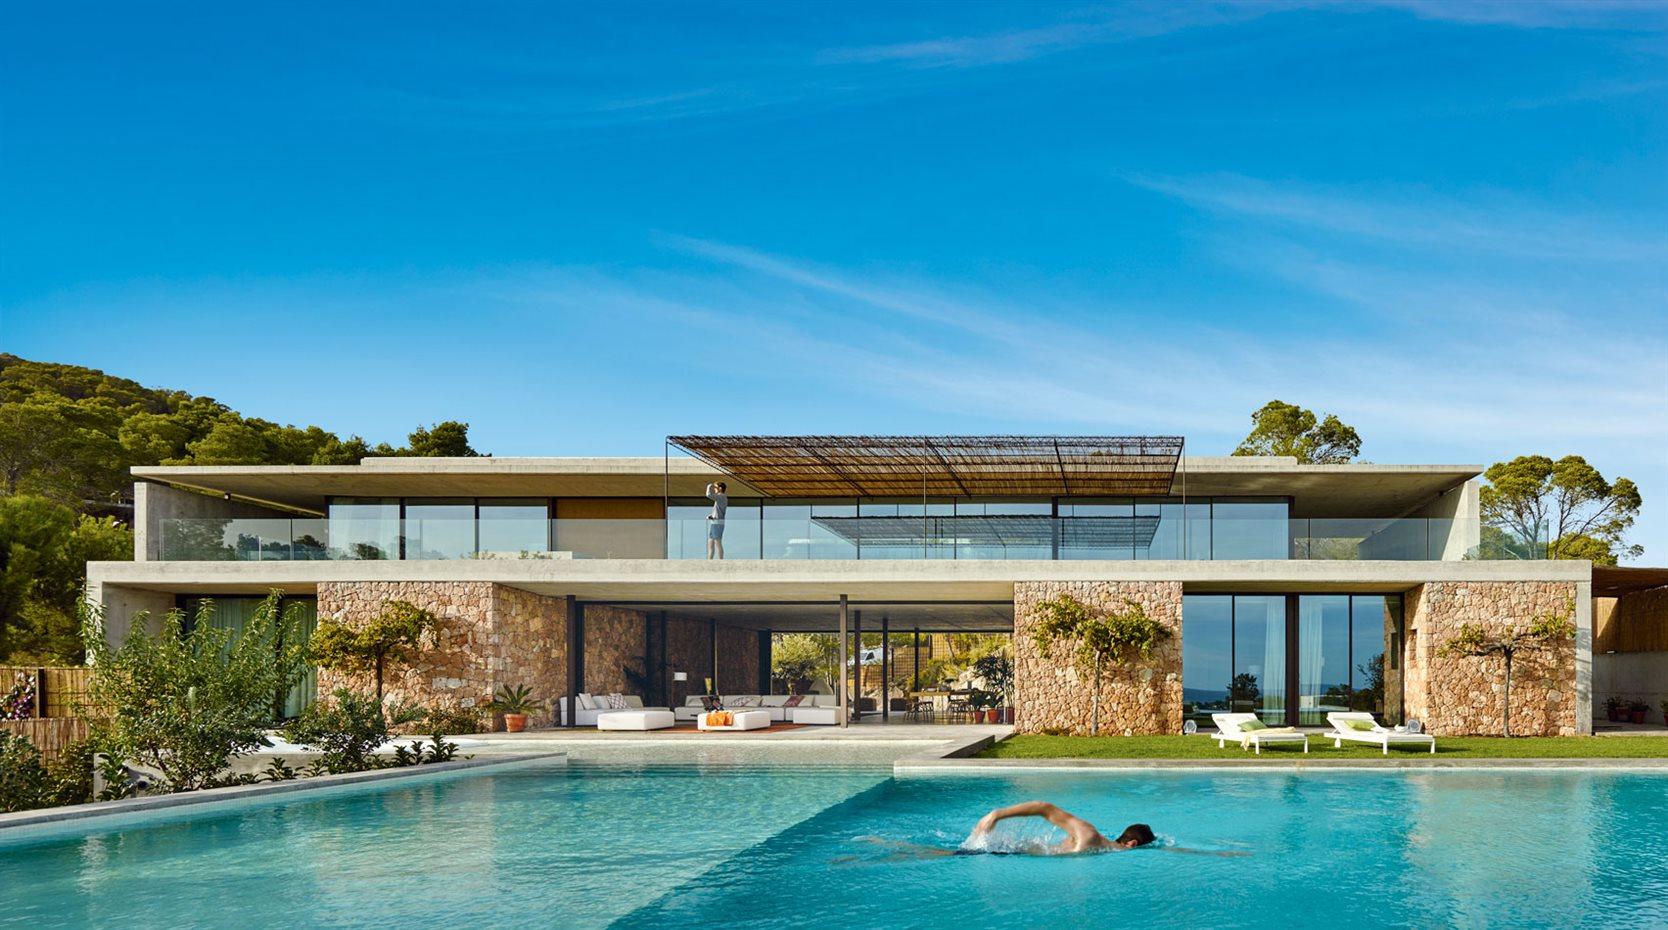 Las 10 piscinas m s espectaculares para el verano for Piscinas espectaculares